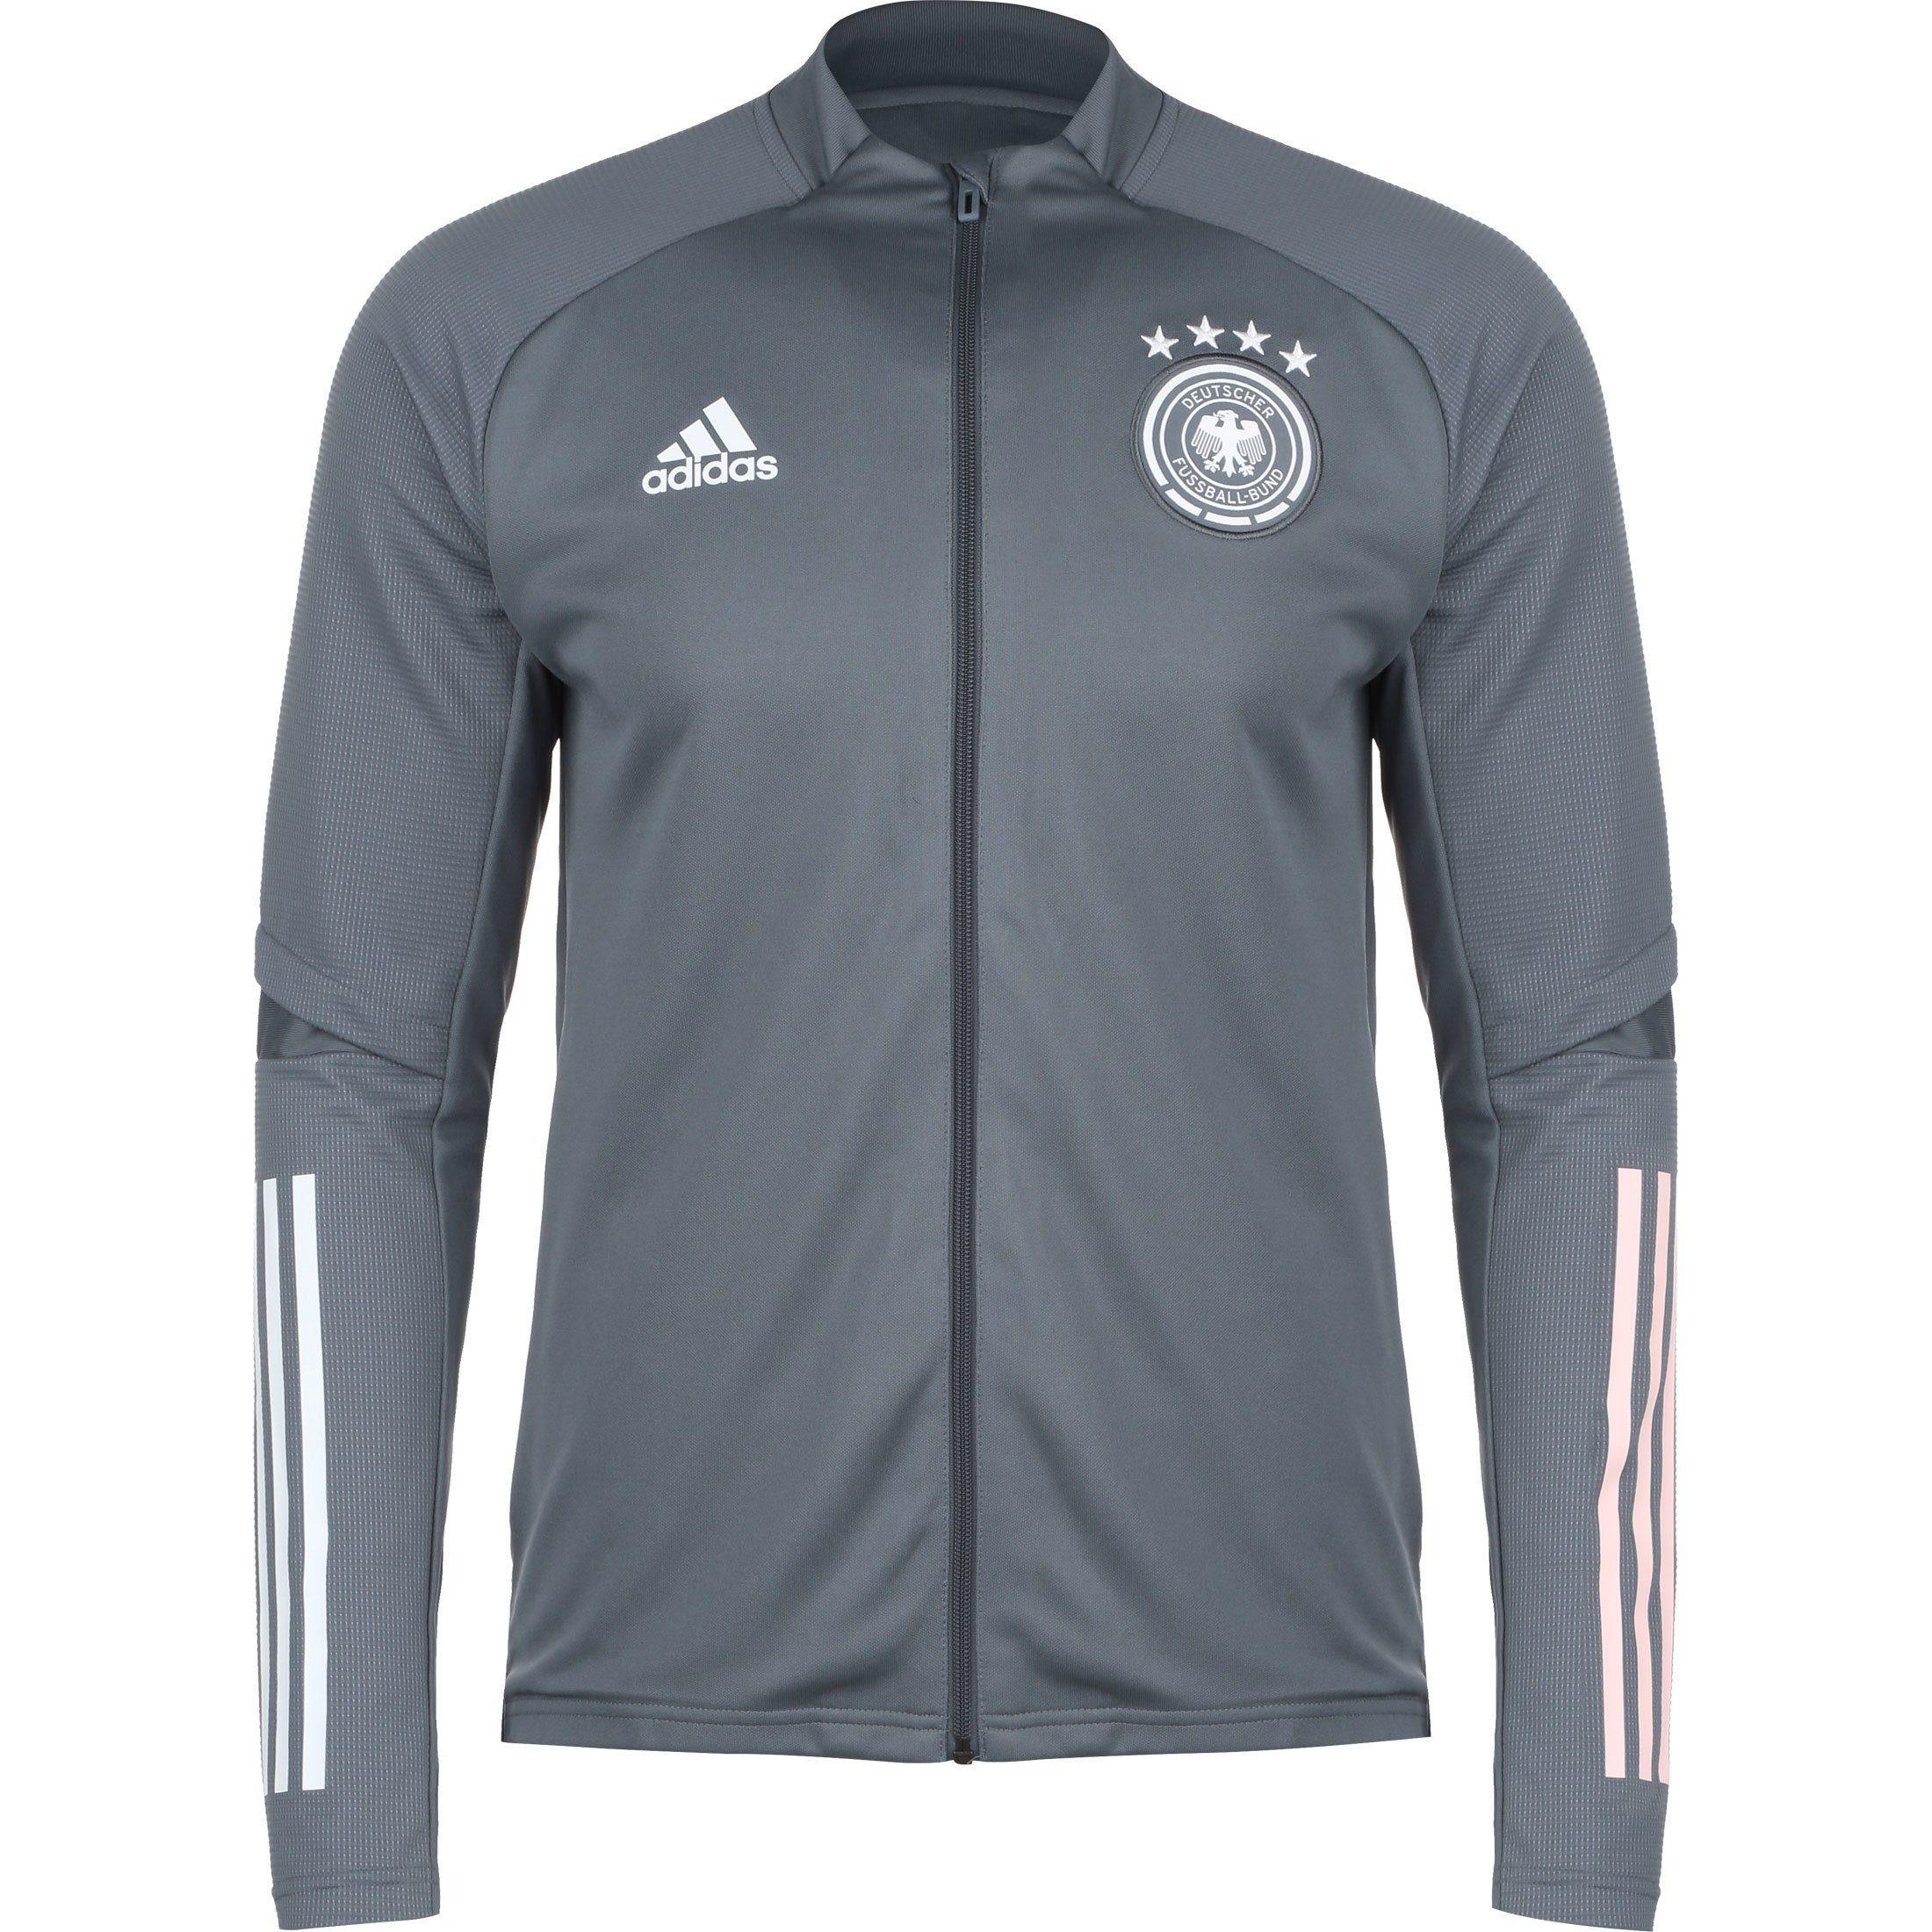 Deutsche Nationalmannschaft DFB Jacke schwarz Adidas 4 Sterne XXL